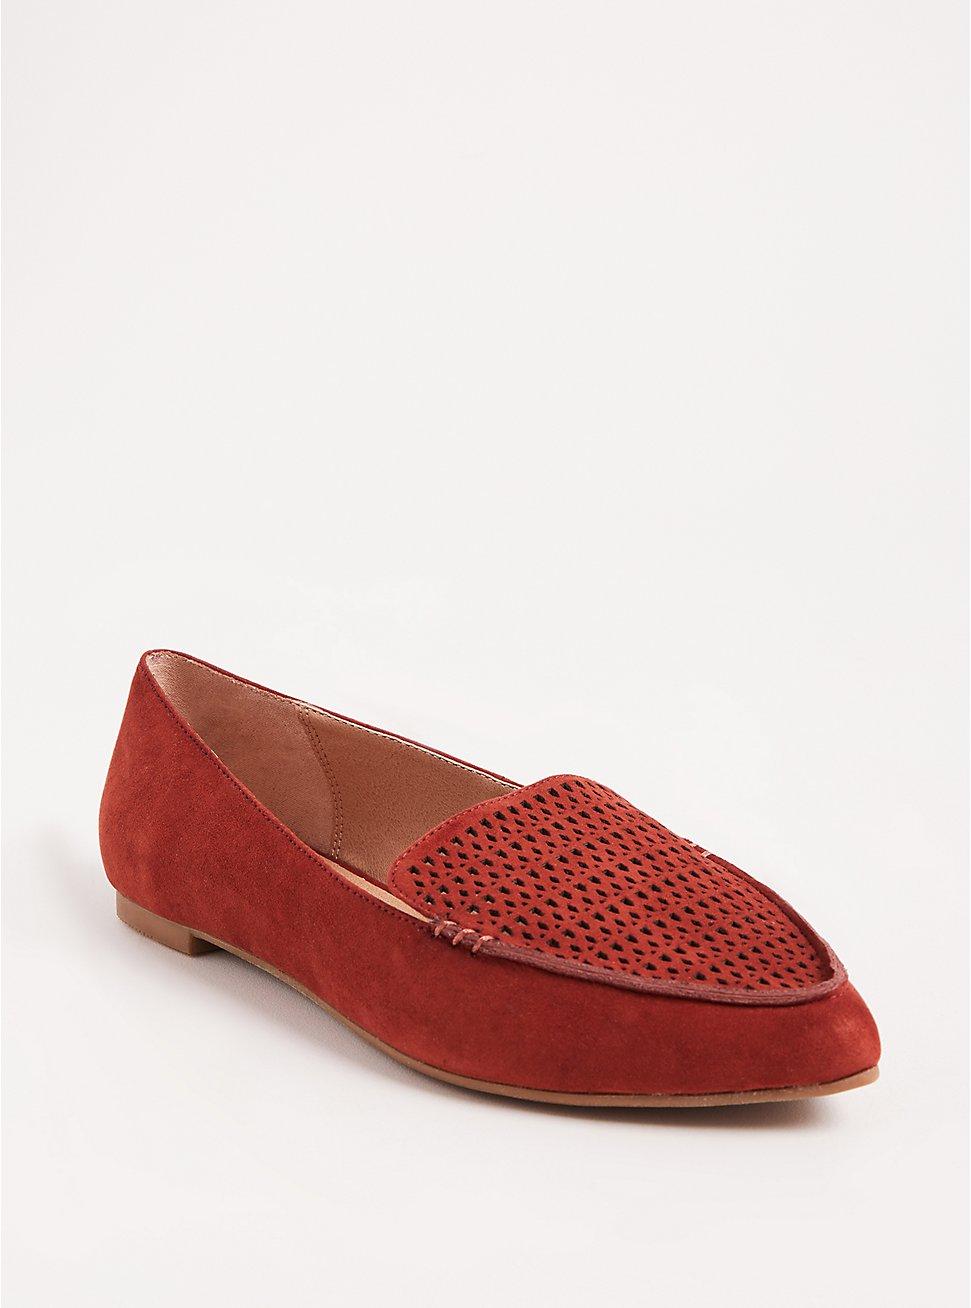 Brick Red Laser Cut Pointed Toe Loafer (WW), ORANGE, hi-res